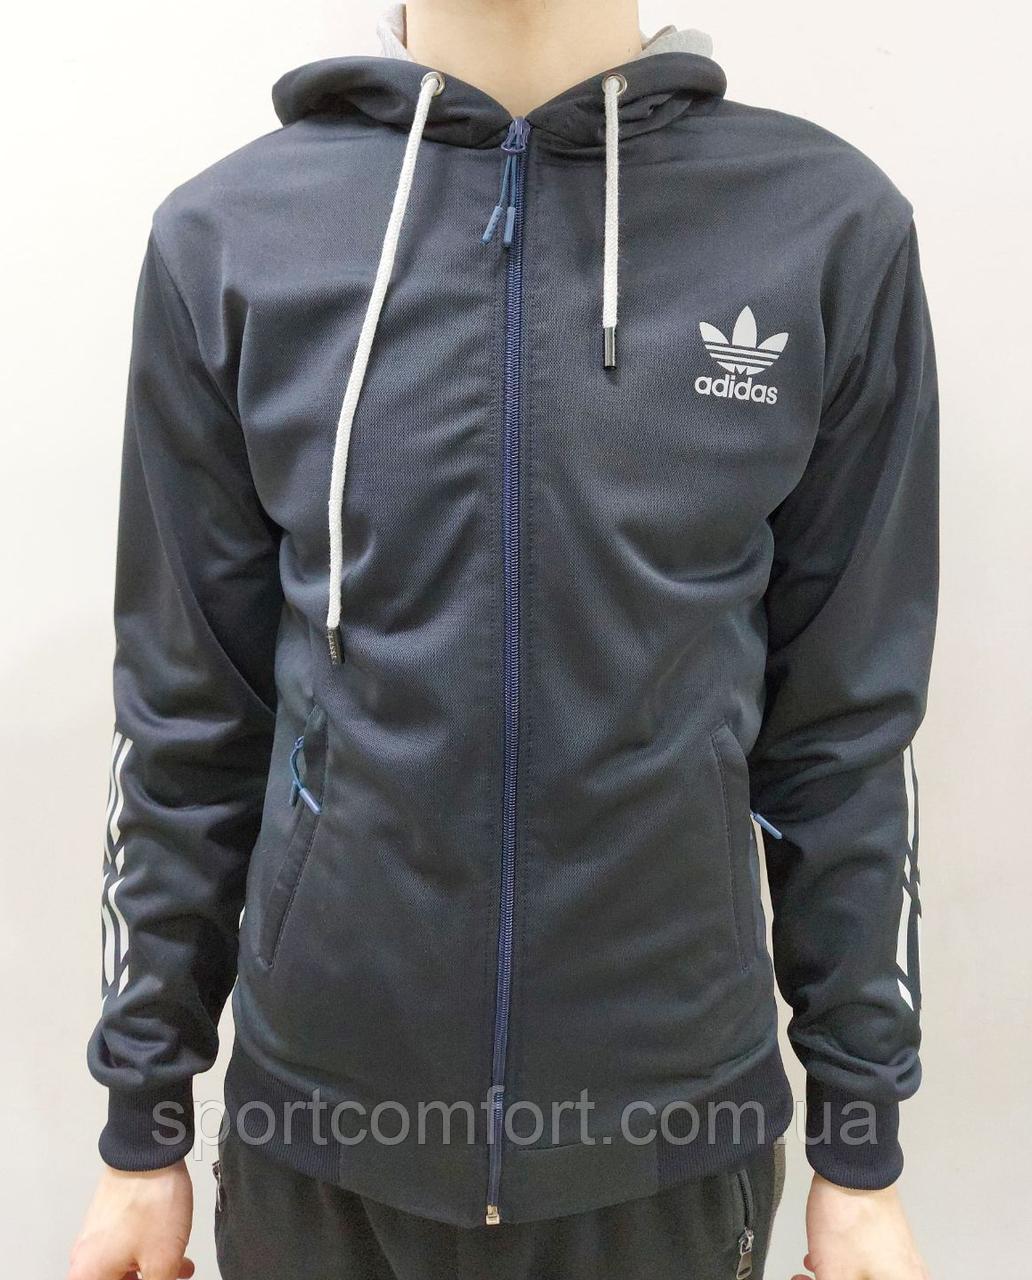 Толстовка мужская Adidas синяя ластик